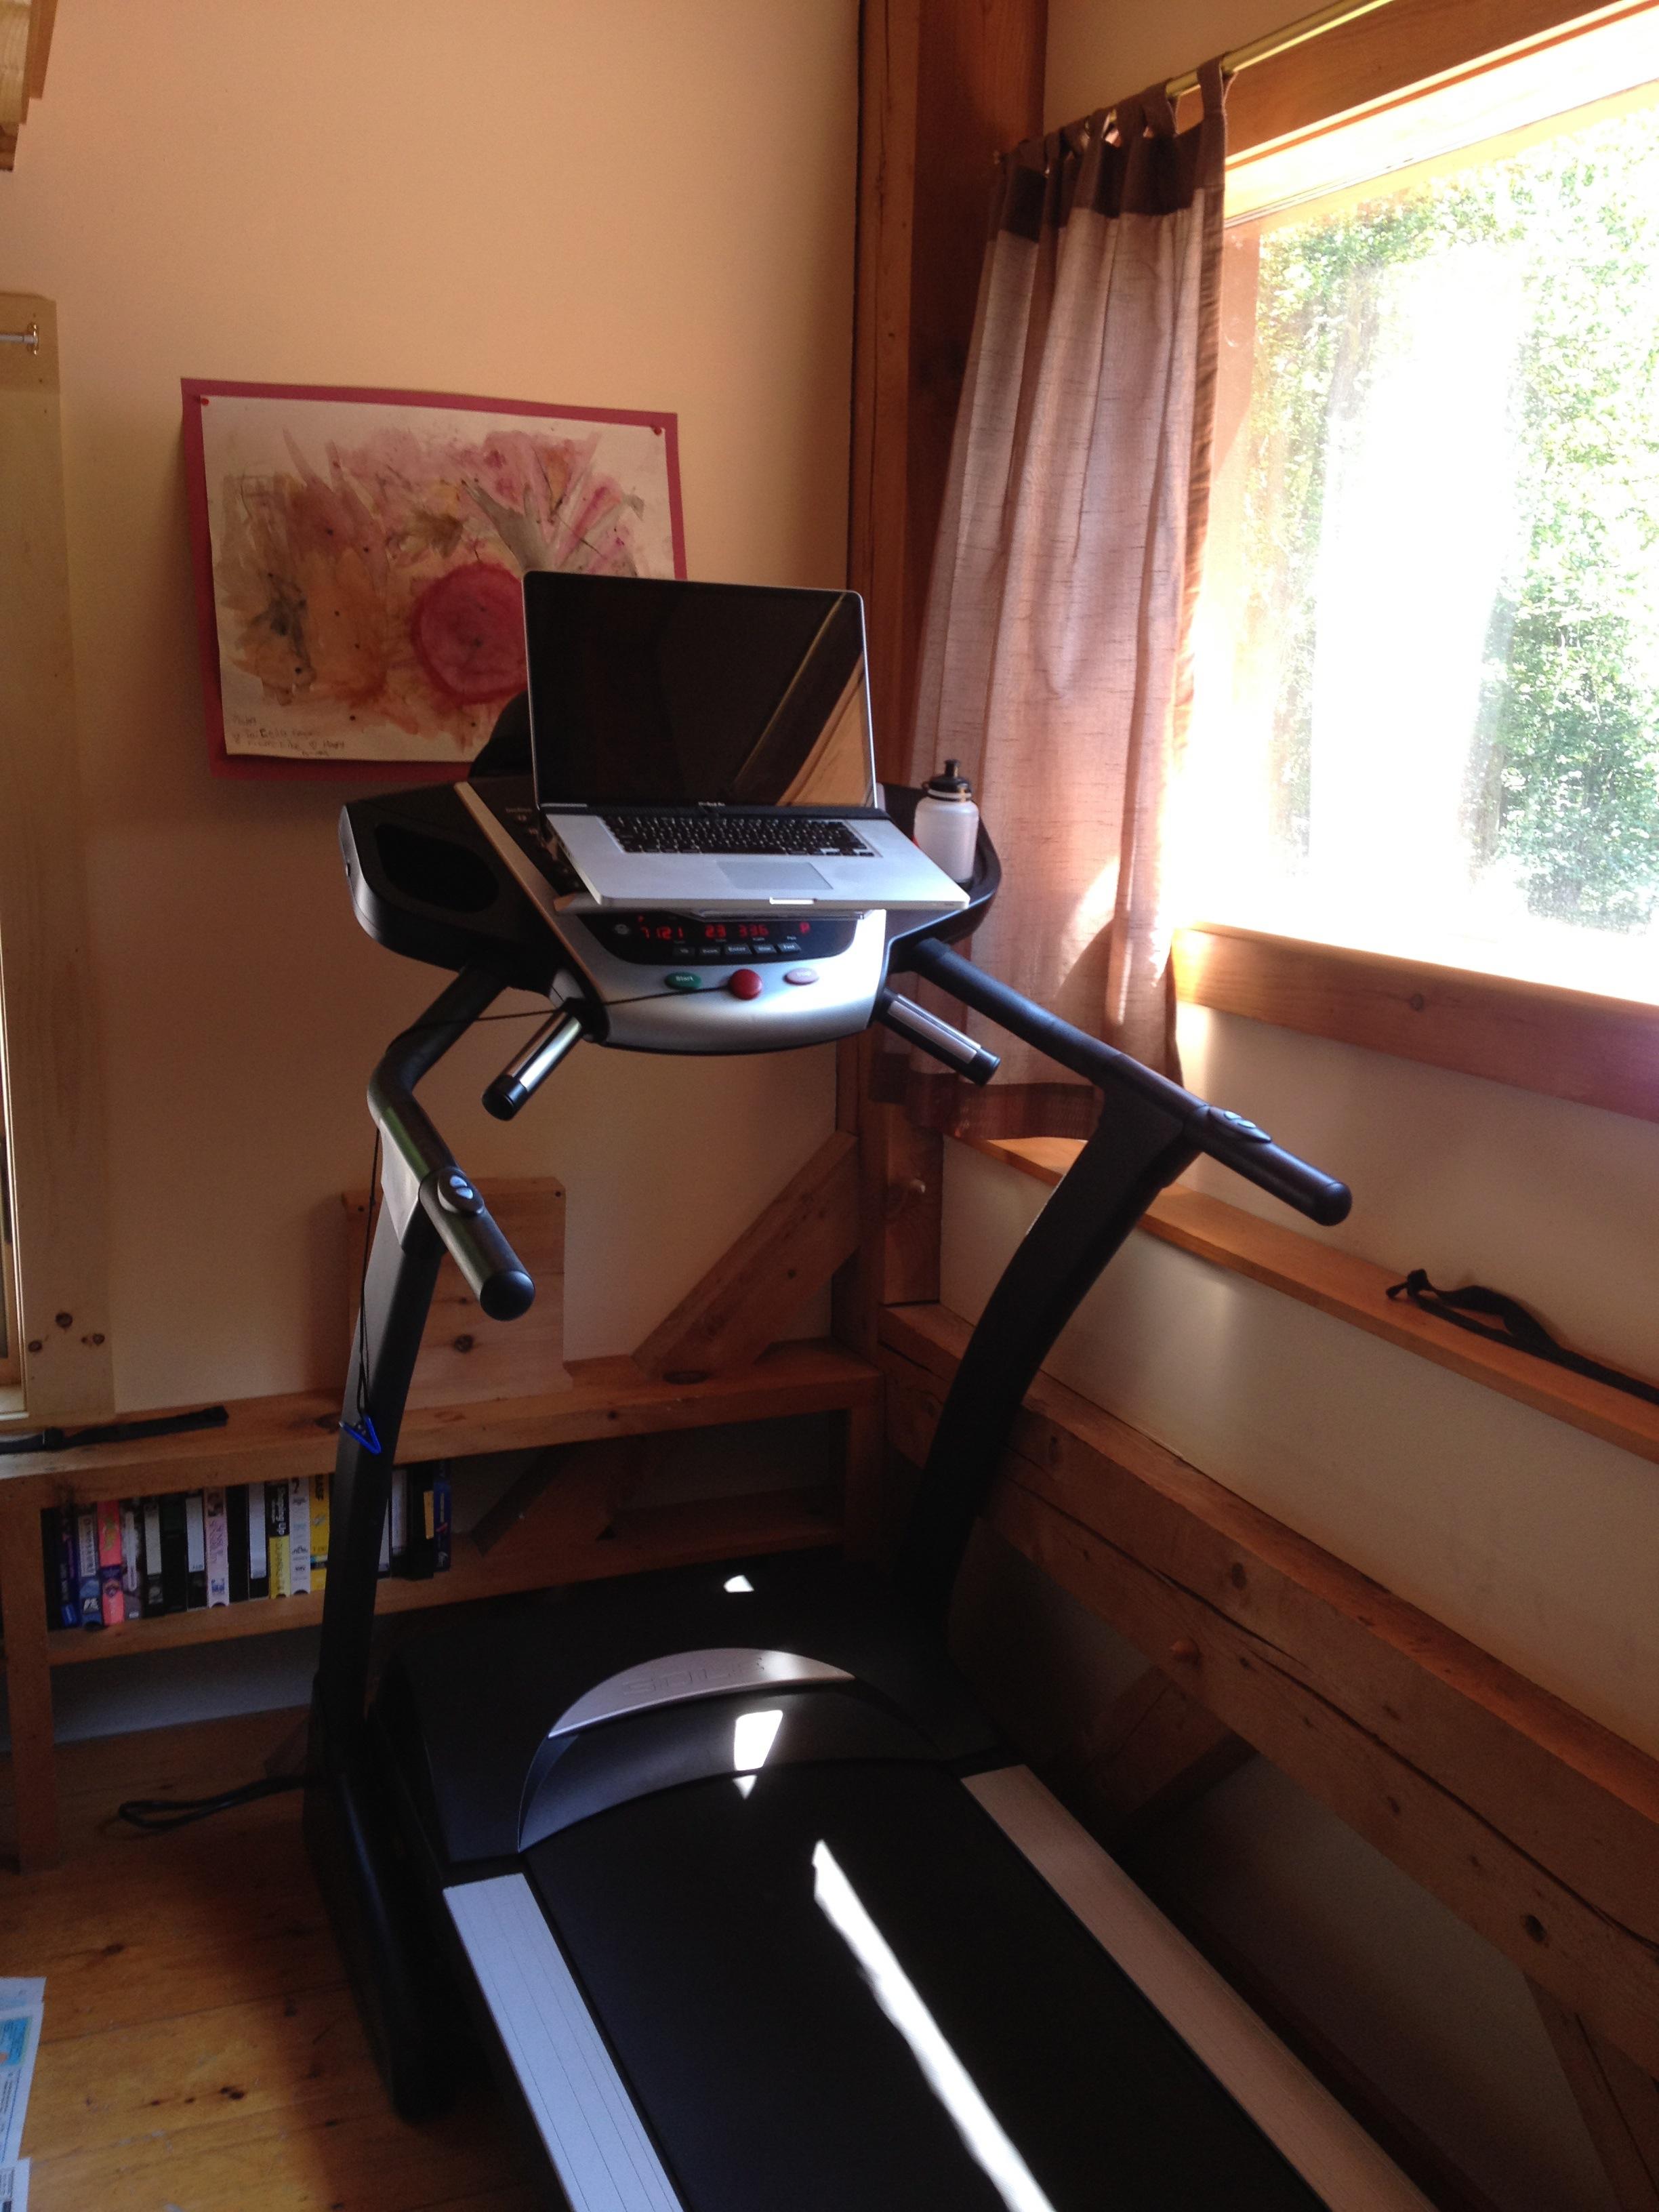 desk imovr treadmills treadmill buy desks under the best